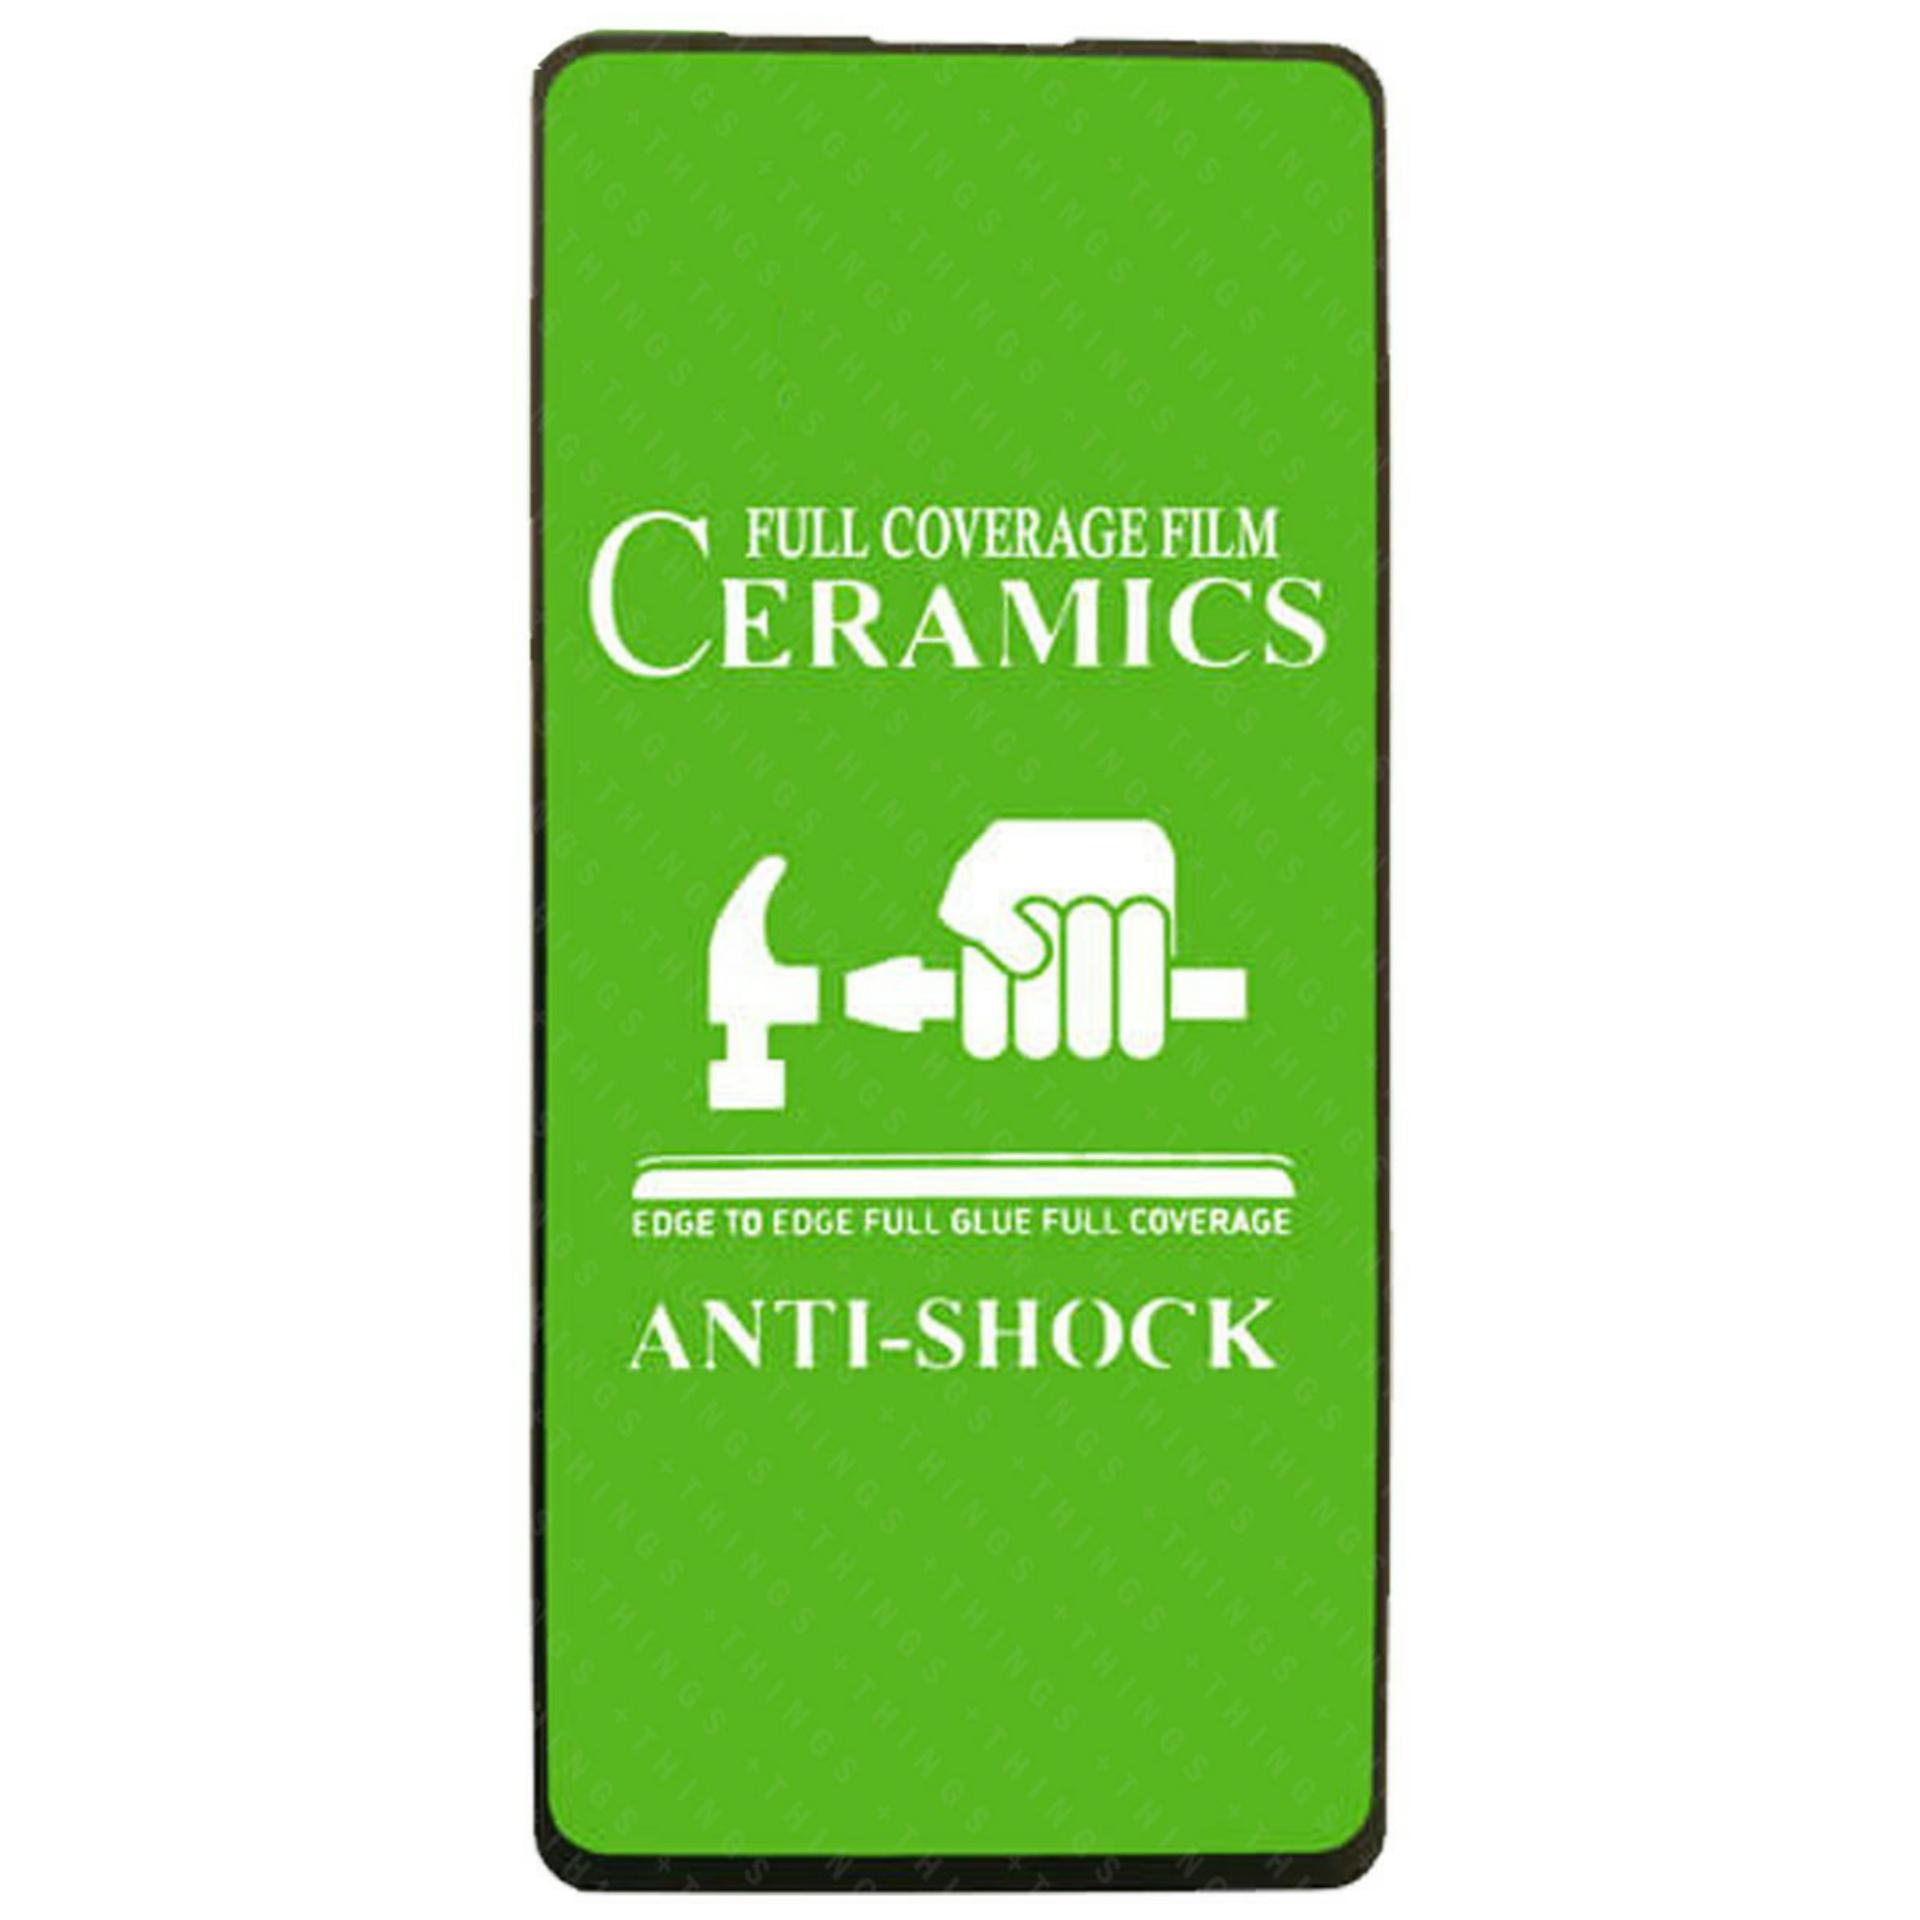 محافظ صفحه نمایش مدل  CF9 مناسب برای گوشی موبایل سامسونگ Galaxy A71